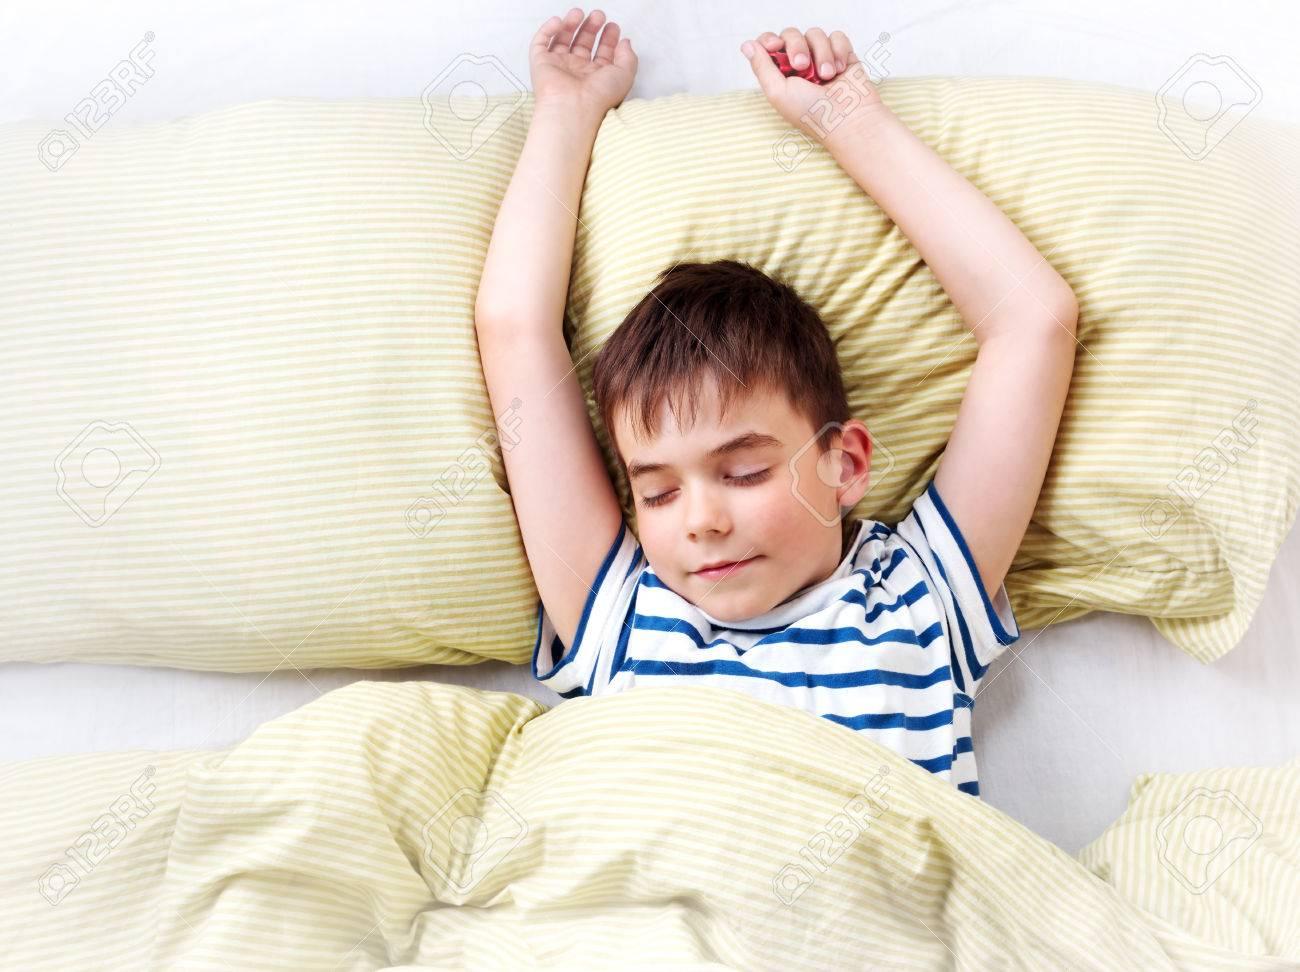 e3455699c83 Foto de archivo - Un año de edad bebé acostado en la cama con ropa de cama  verde